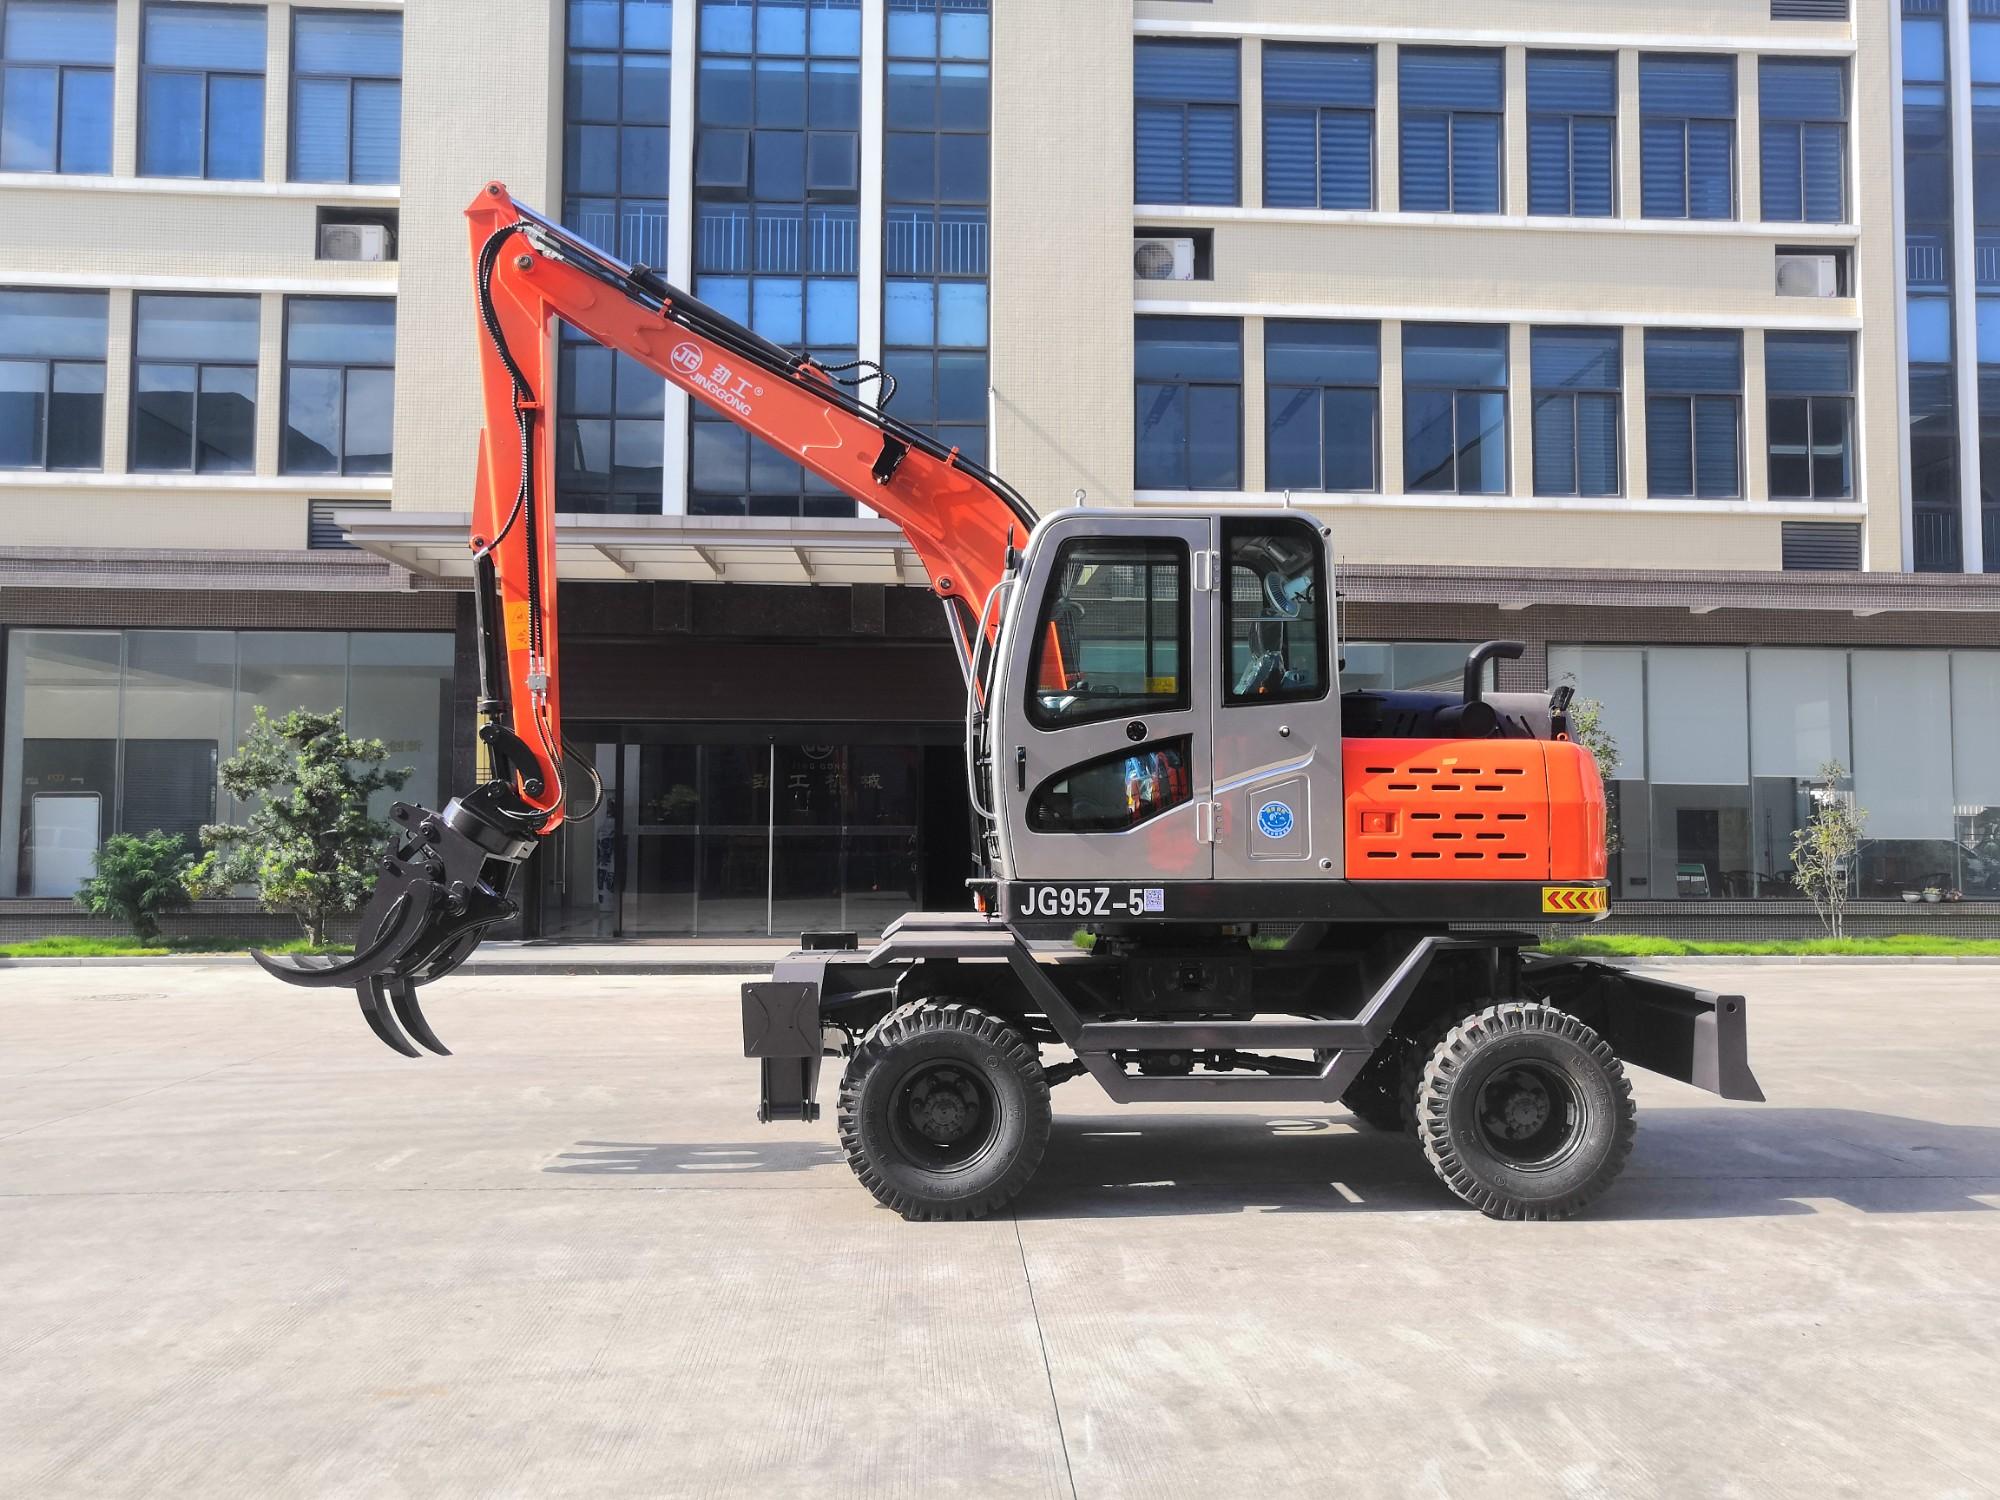 JG95Z-5 Wheel Excavator